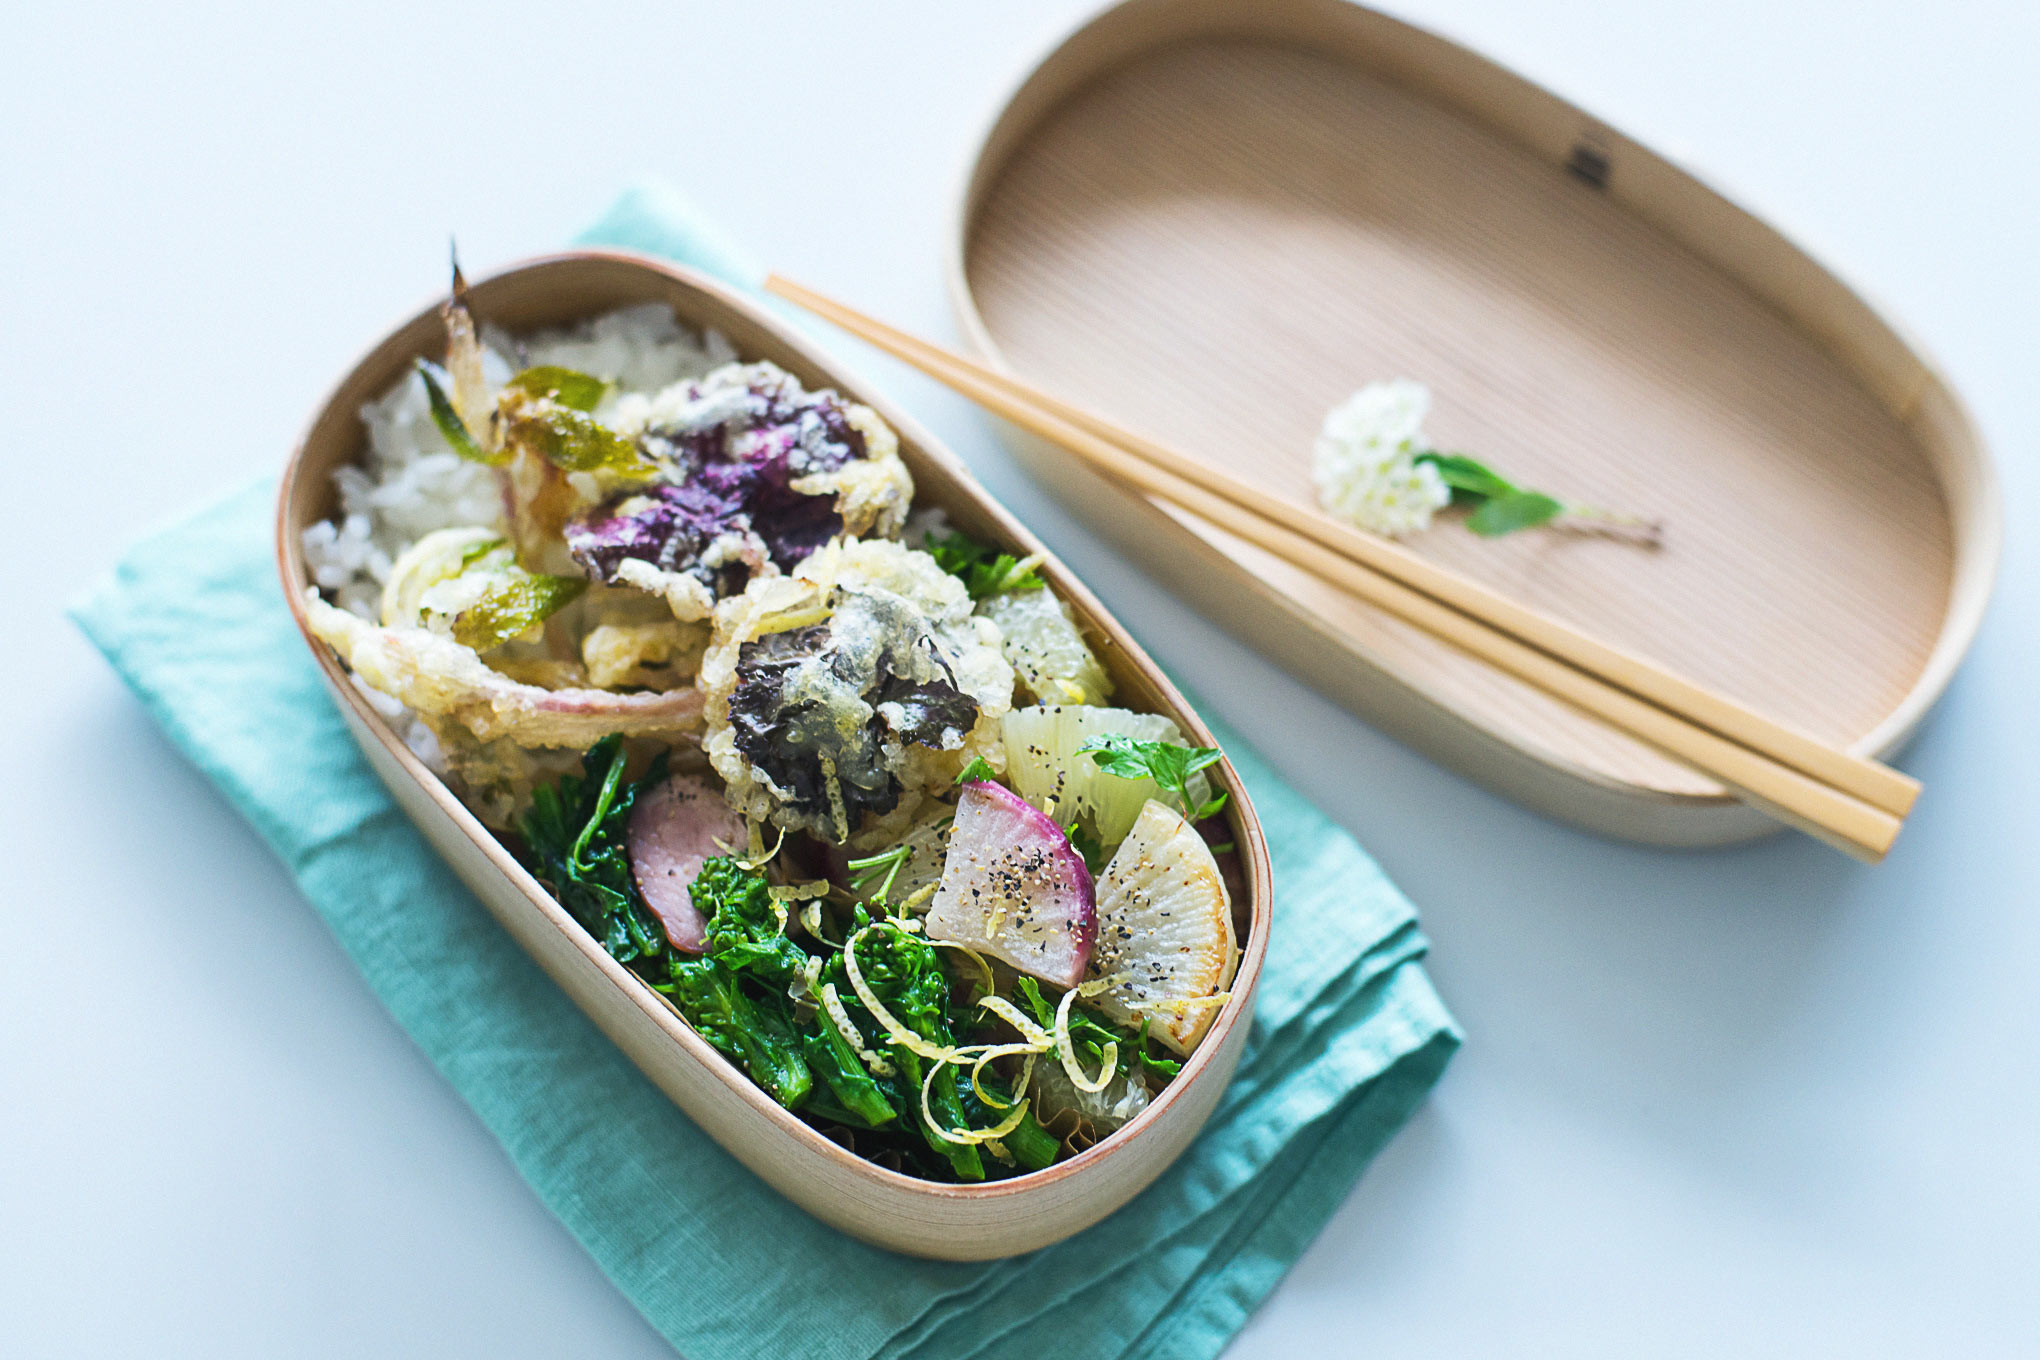 カリッサクッと春を感じる。ユキノシタで山菜の天ぷら弁当。